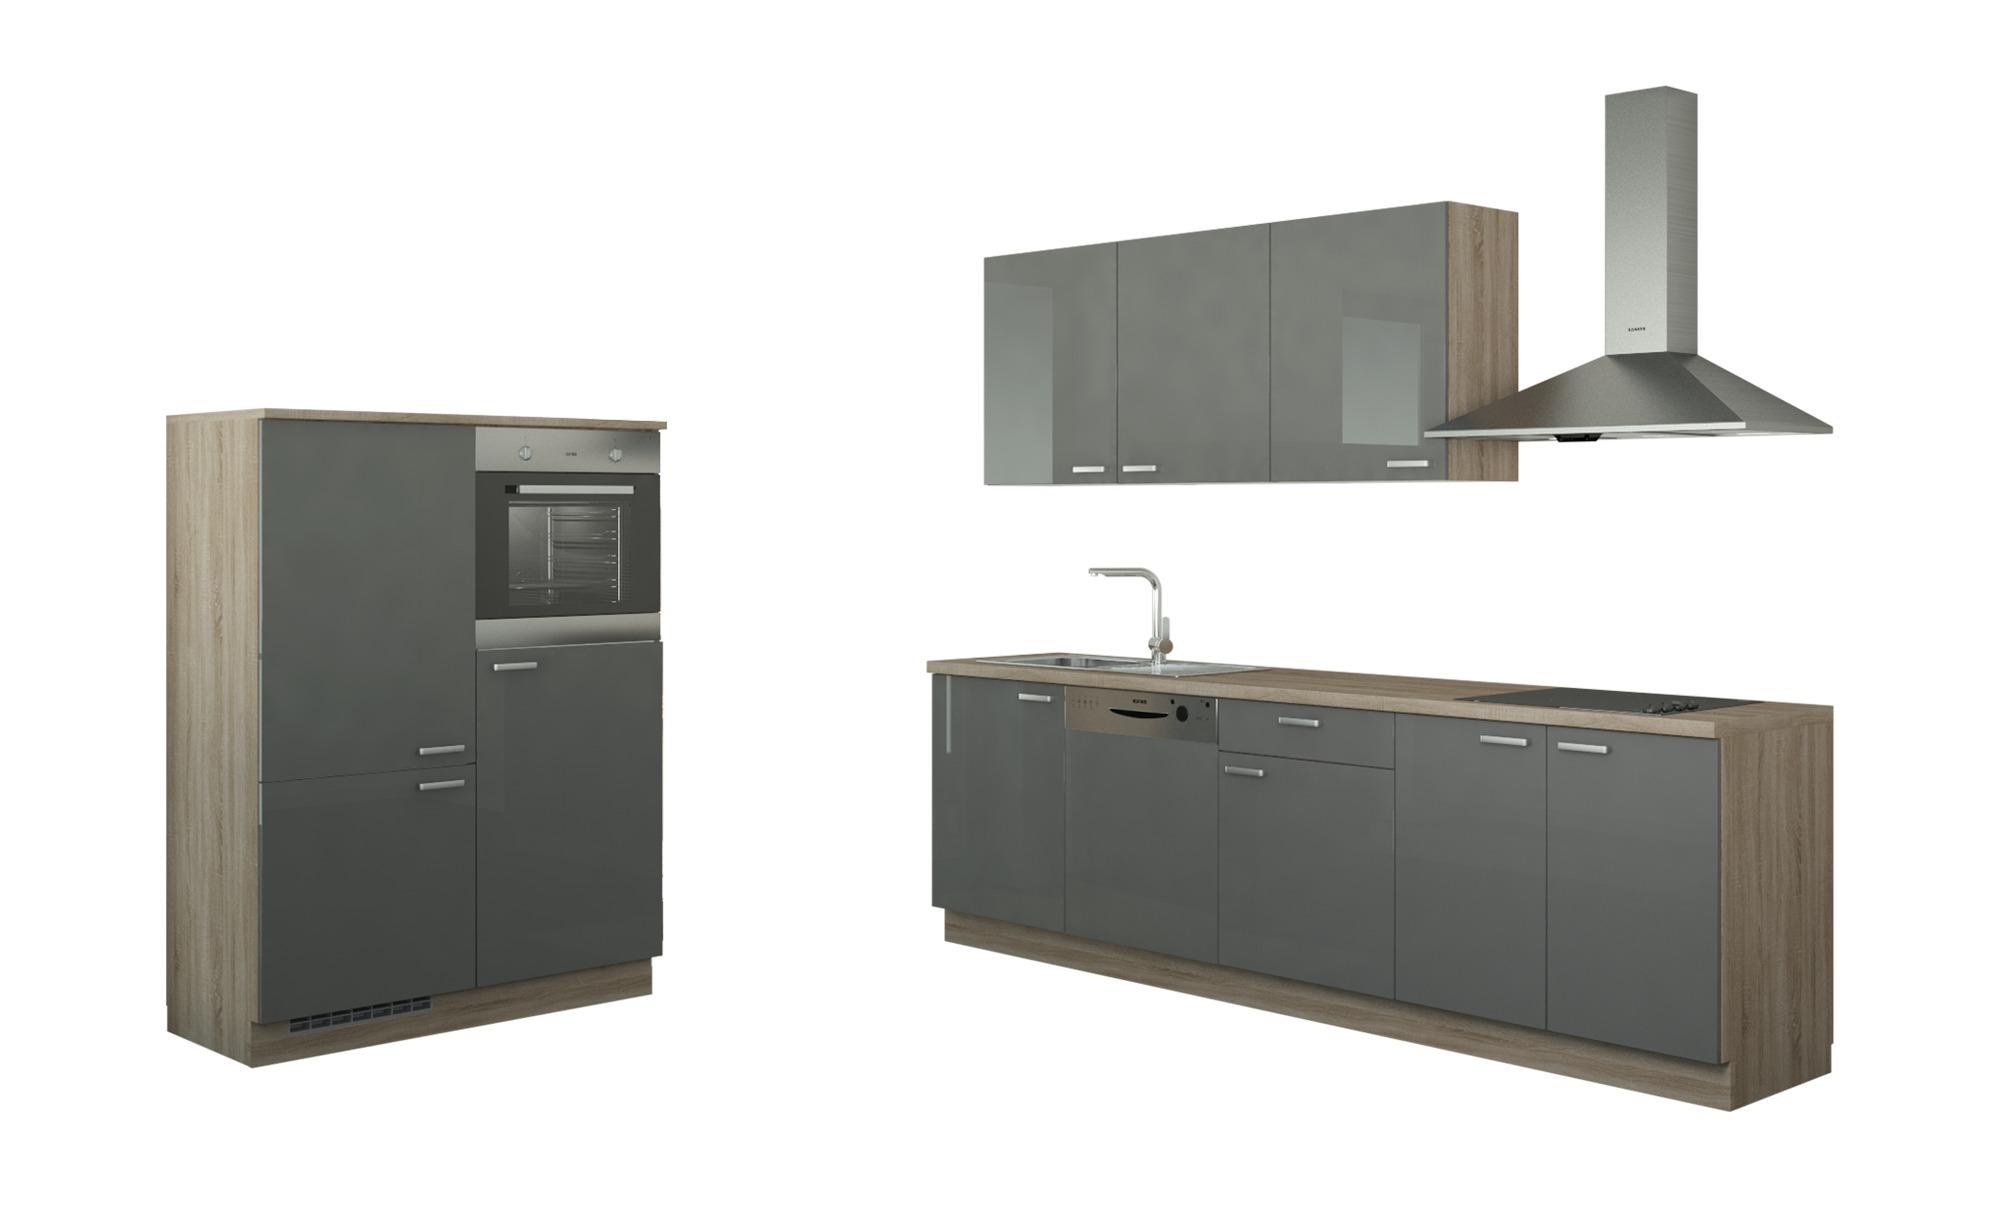 Küchenzeile mit Elektrogeräten  Cottbus ¦ Maße (cm): B: 390 Küchen > Küchenblöcke - Höffner | Küche und Esszimmer > Küchen > Küchenzeilen | Holzwerkstoff | Möbel Höffner DE